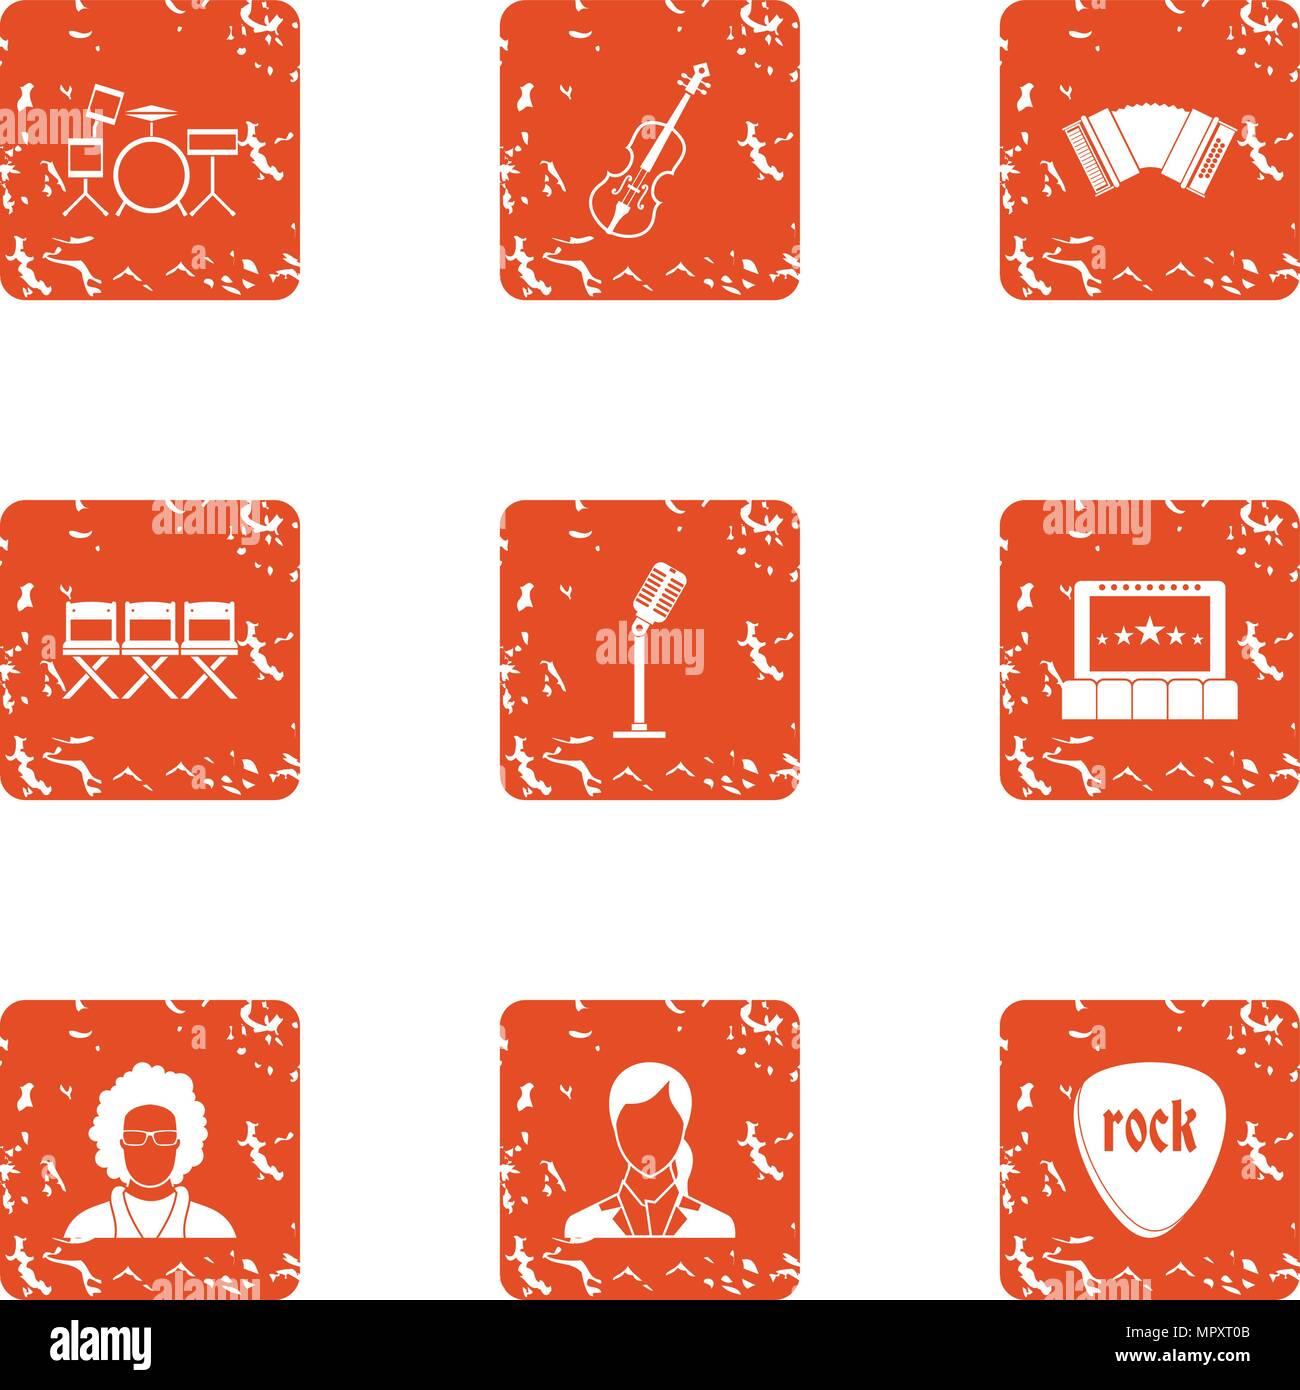 Recital icons set, grunge style - Stock Image